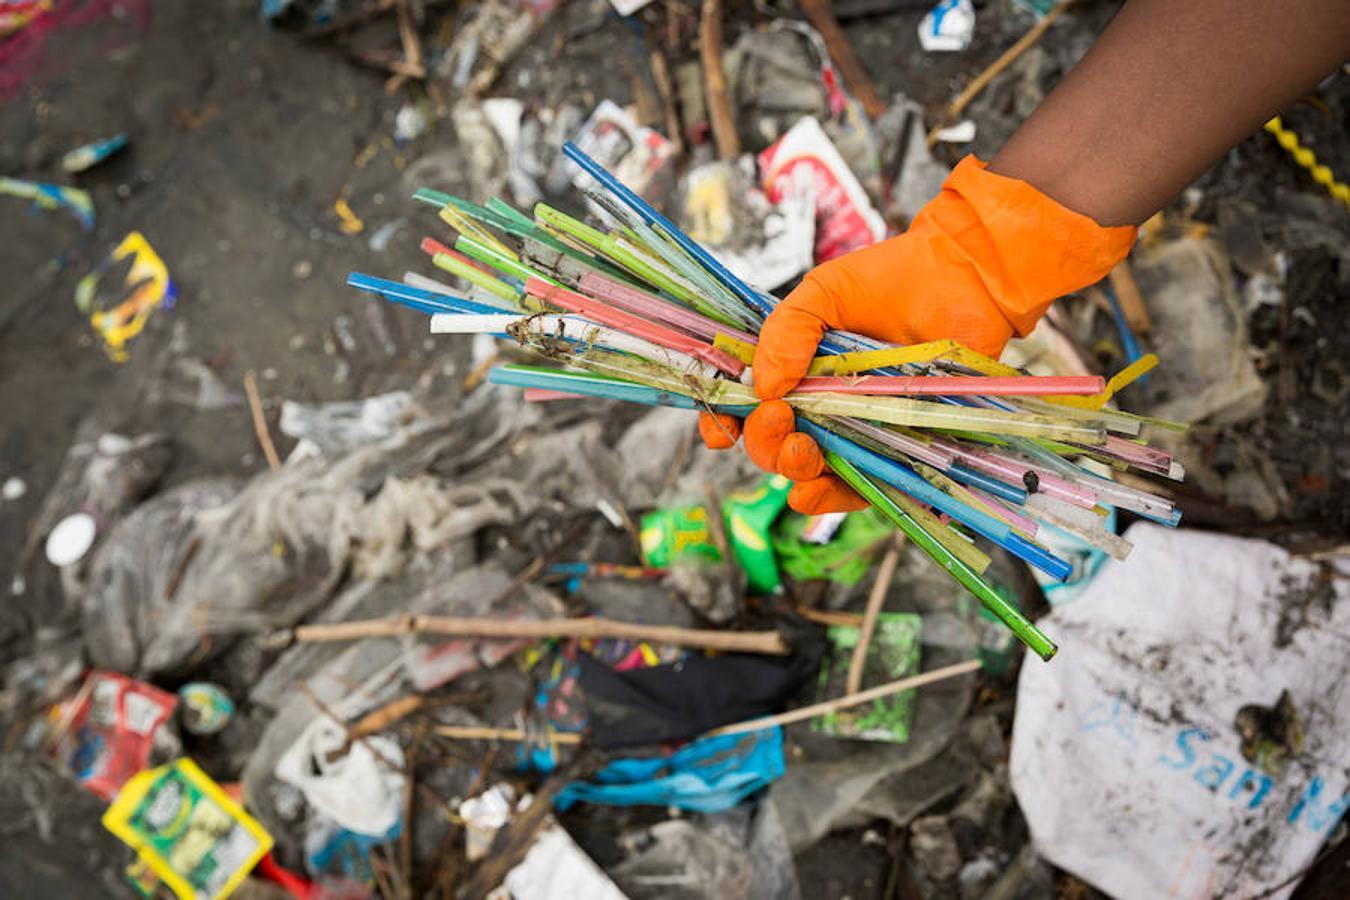 Más de la mitad de la basura que se produce en el mundo es plástico de un solo uso, la mayor amenaza para la sostenibilidad.   Referencia